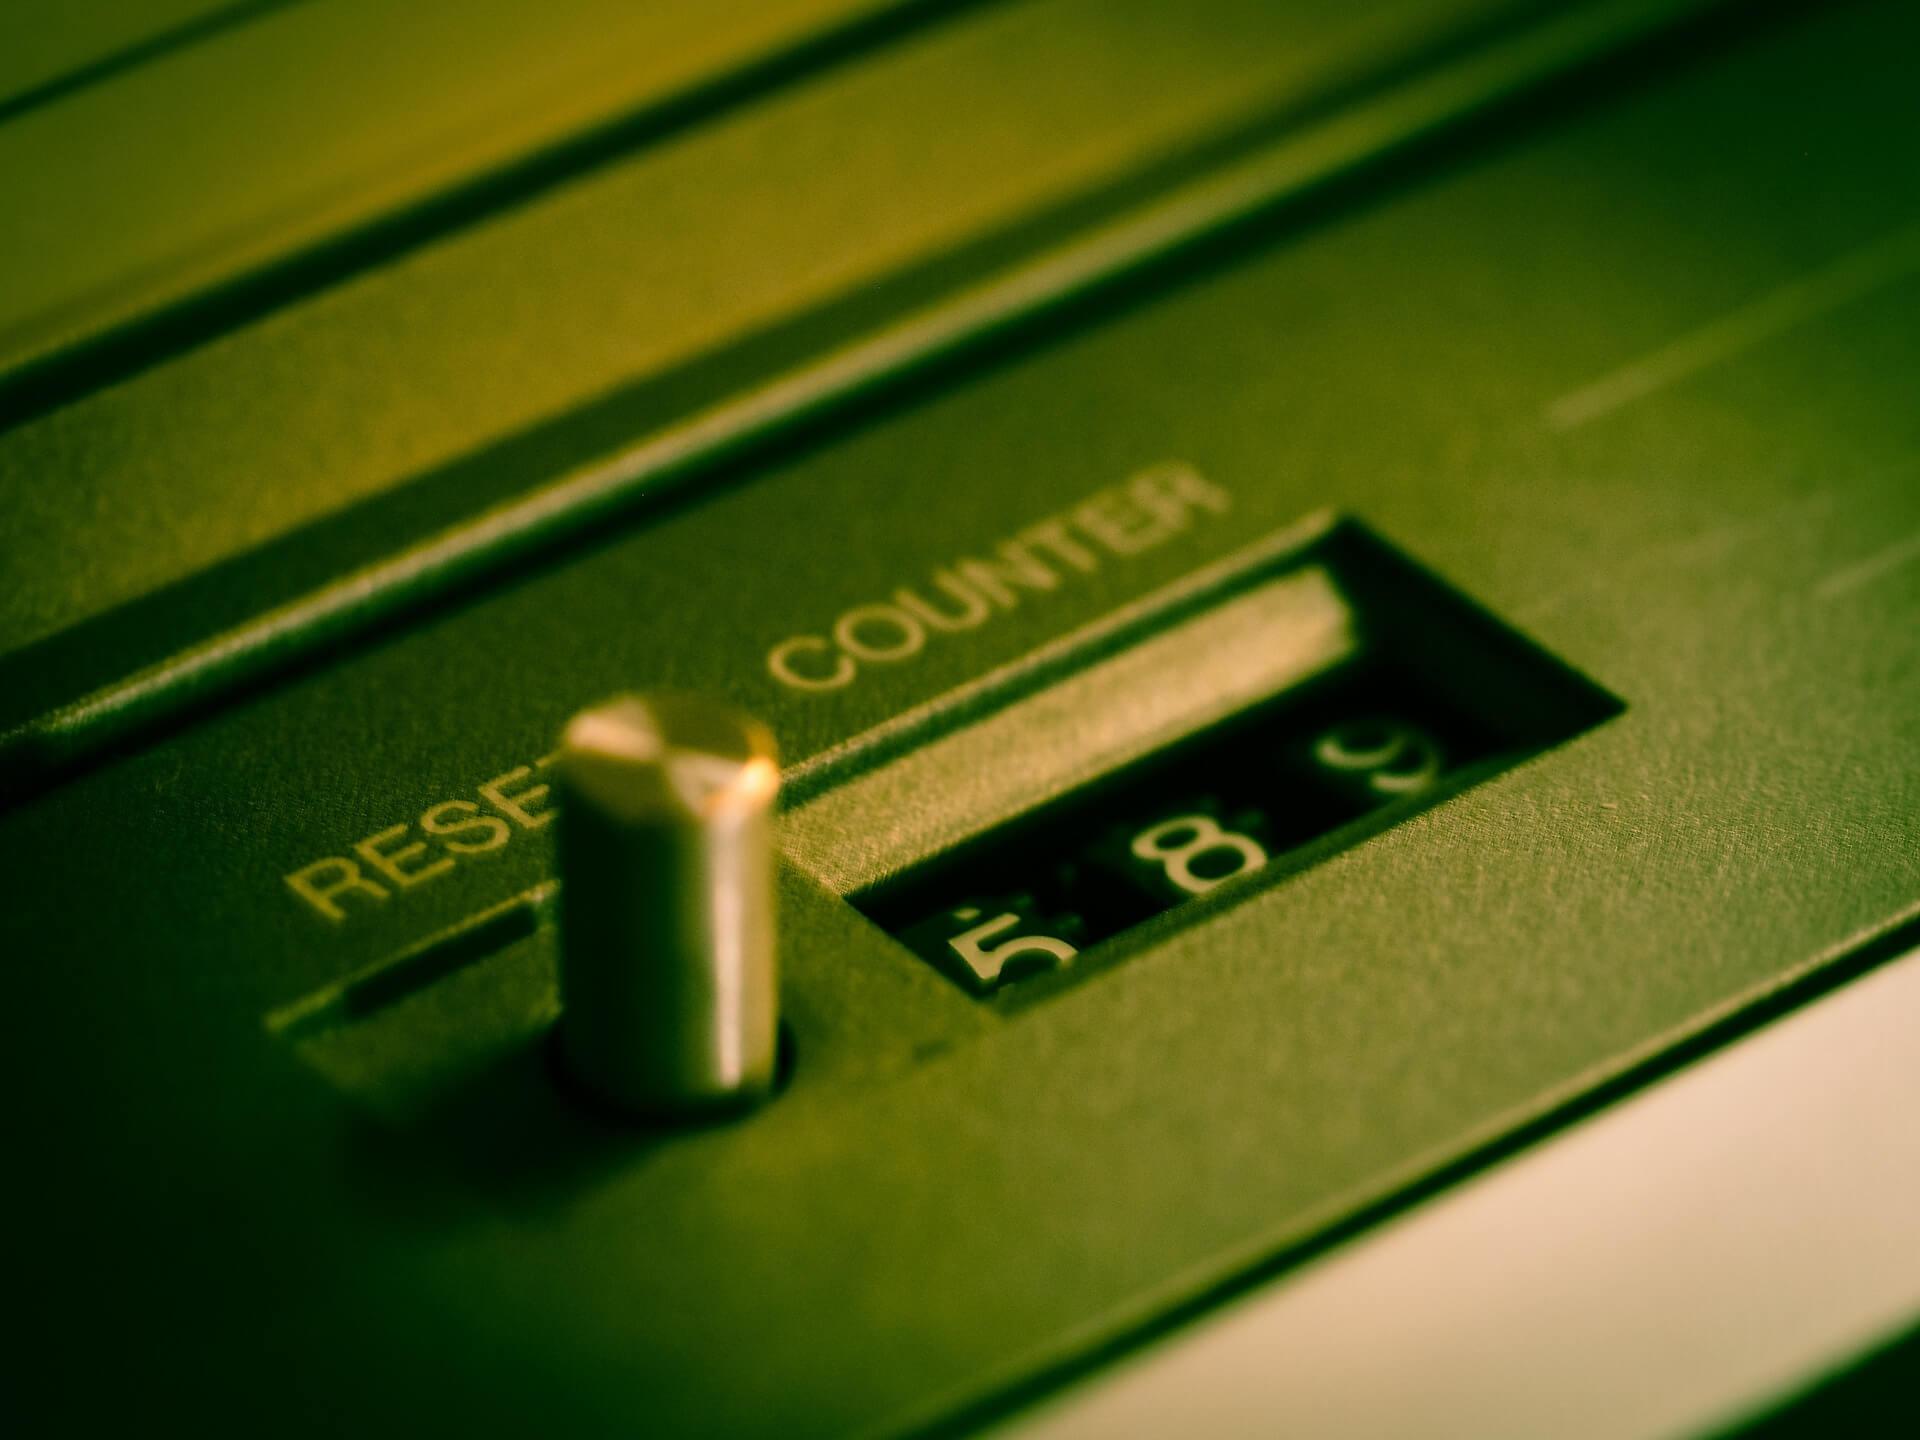 Beim Fritzbox Reset wird der Router komplett zurückgesetzt